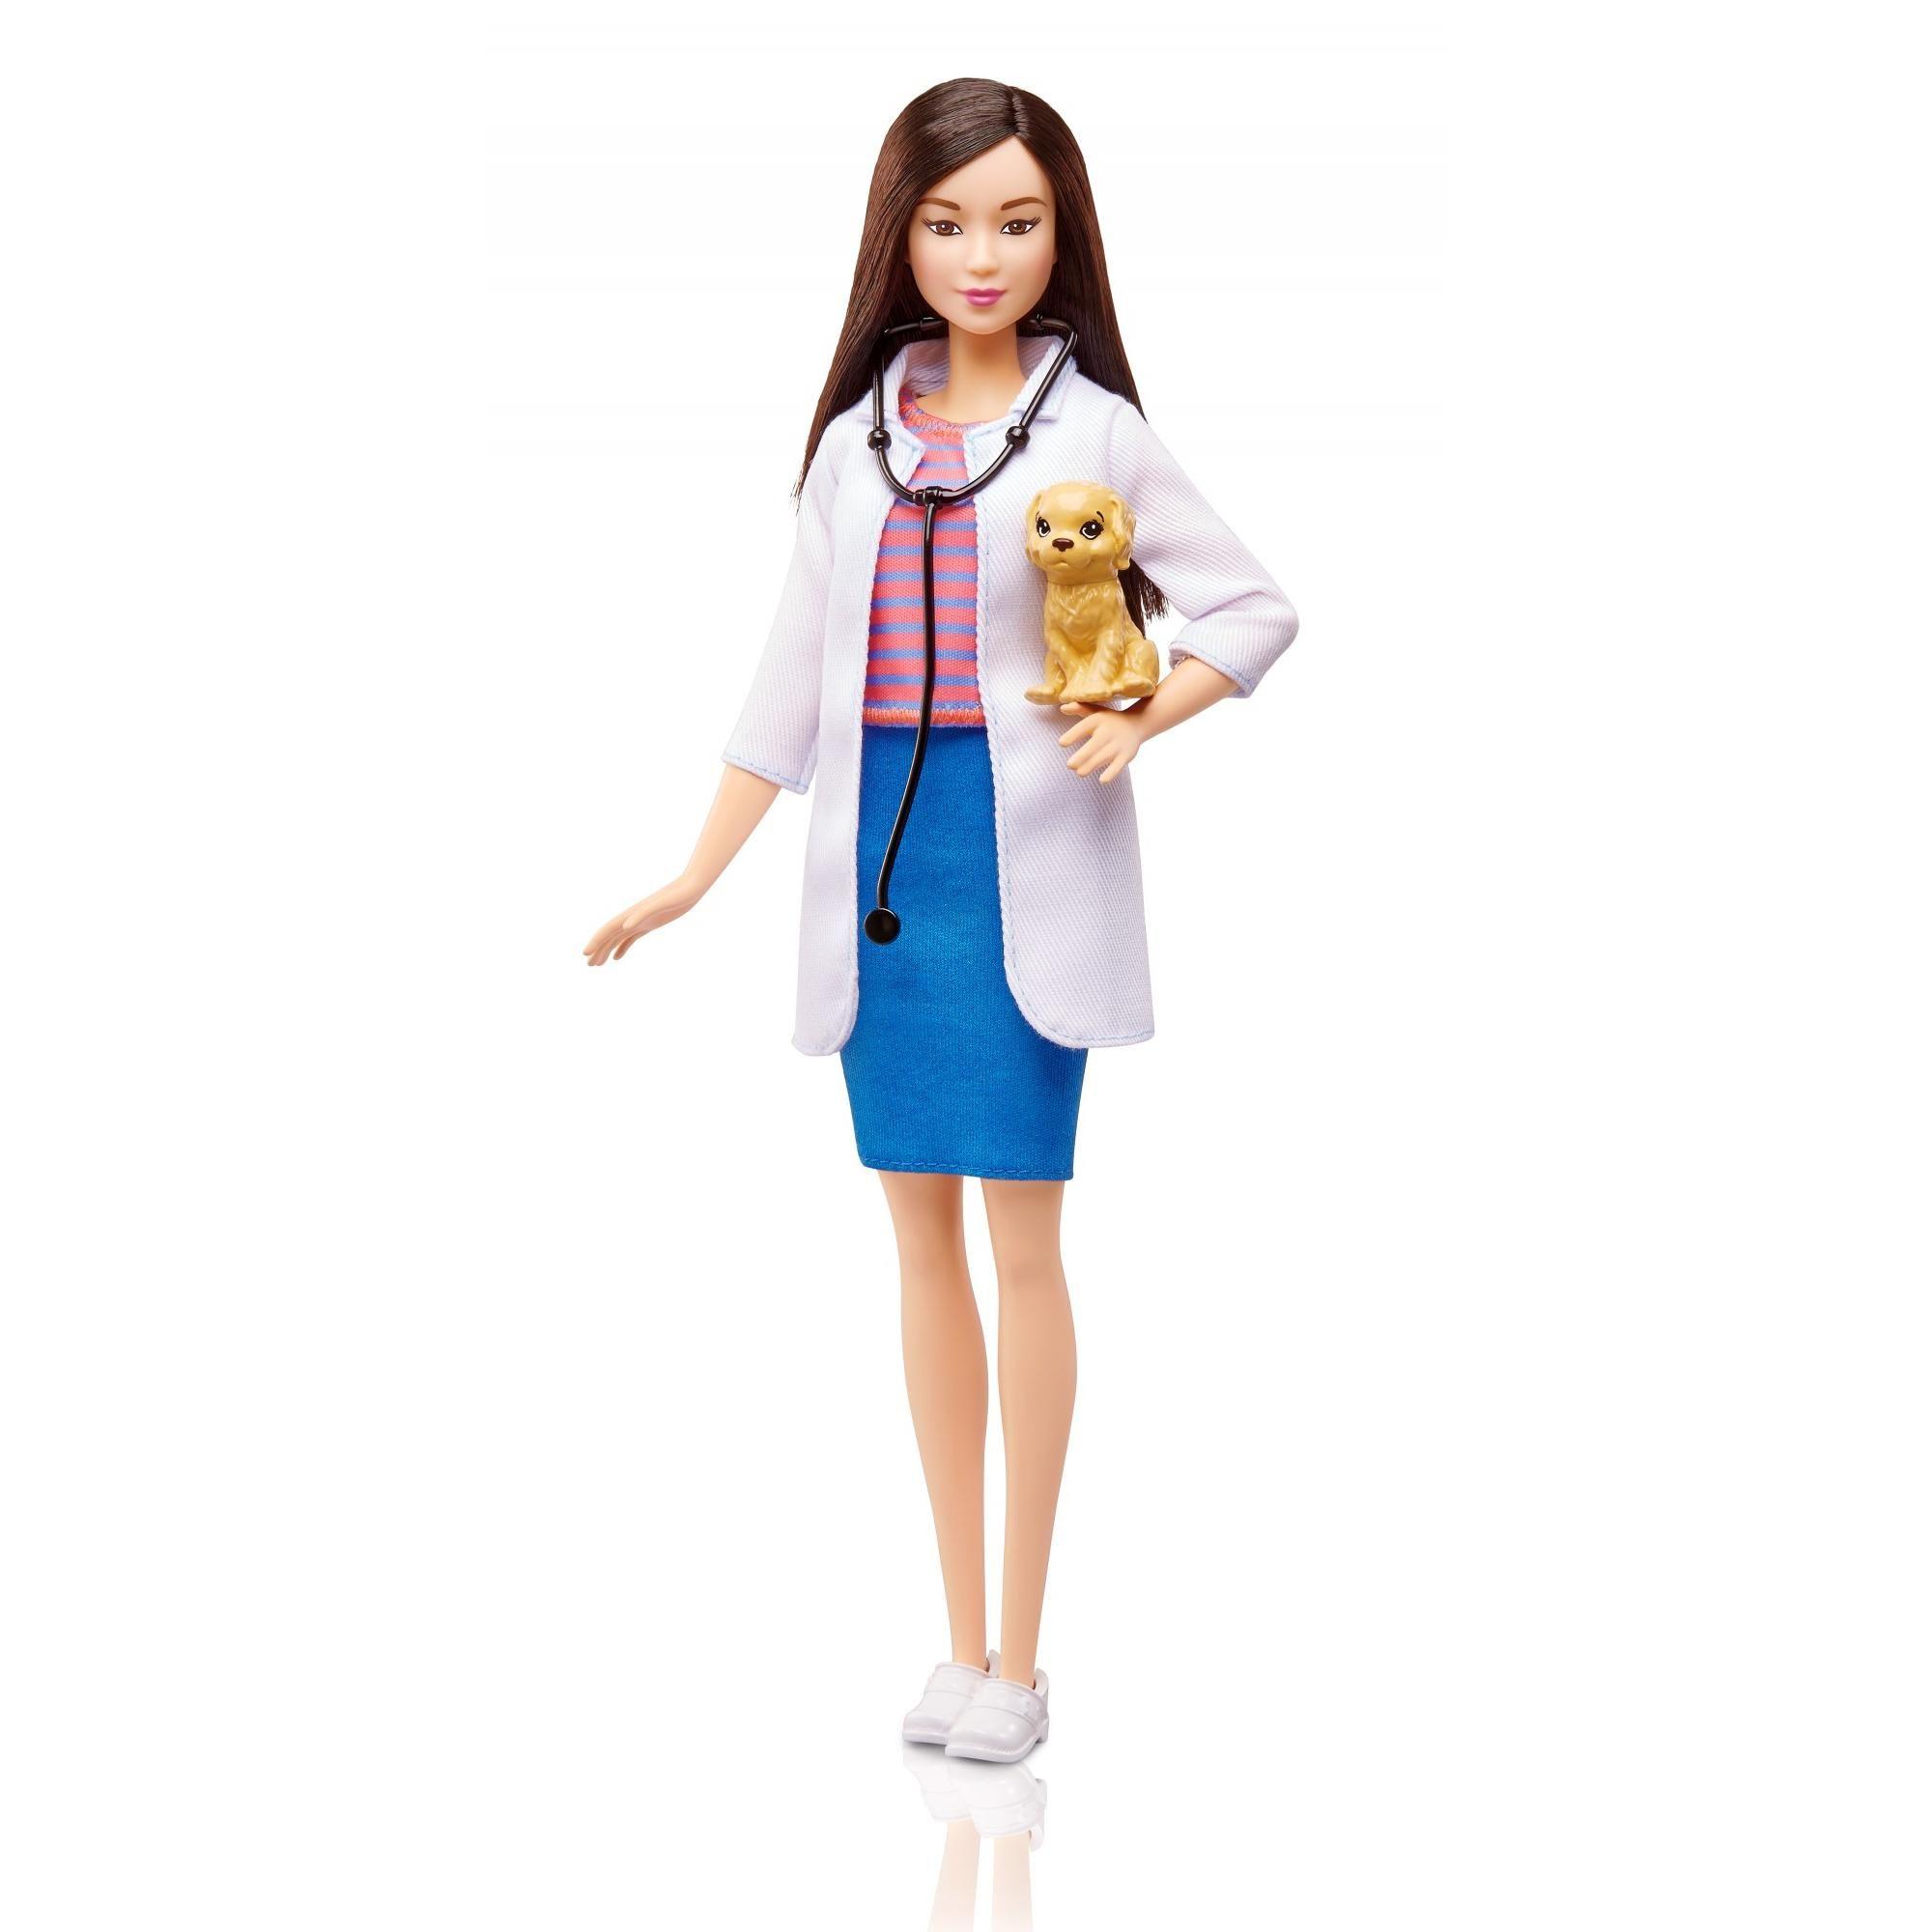 Barbie Careers Pet Vet Doctor Doll in 2019